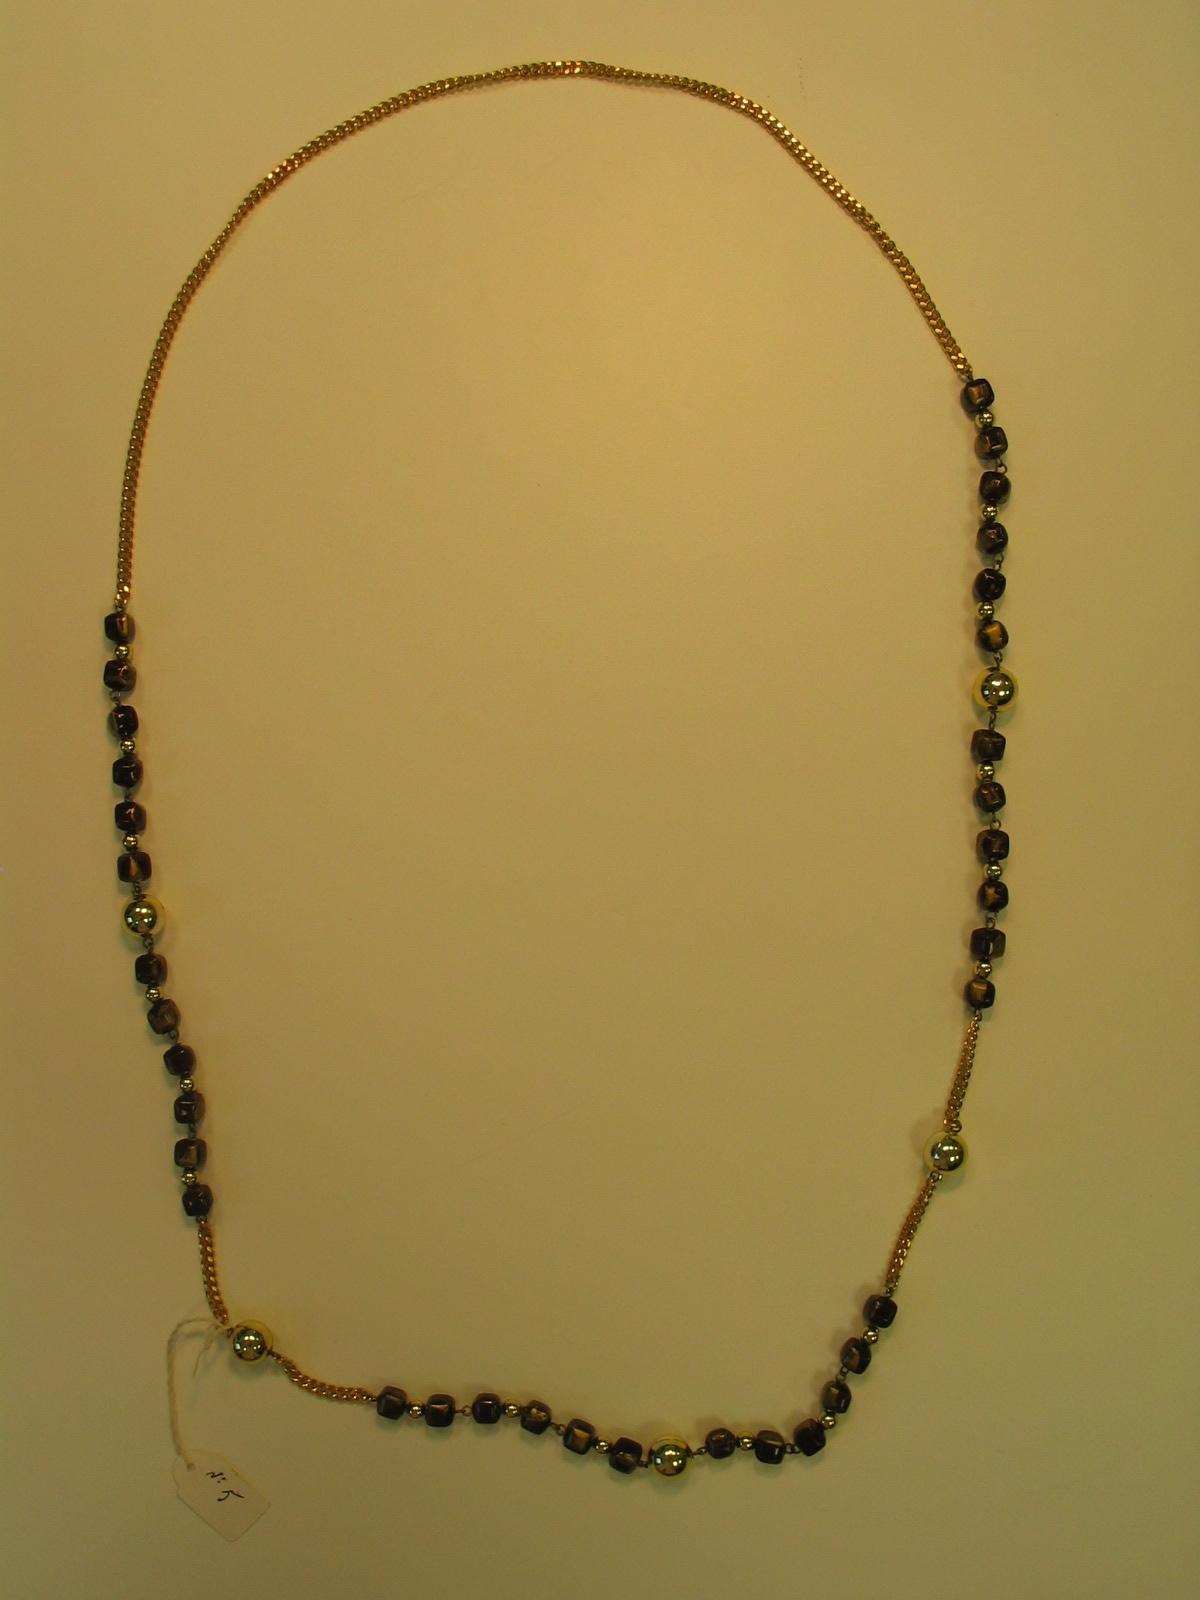 Cinturón a modo de collar tipo sautoir con cadena de metal dorado y bolas doradas y marrones